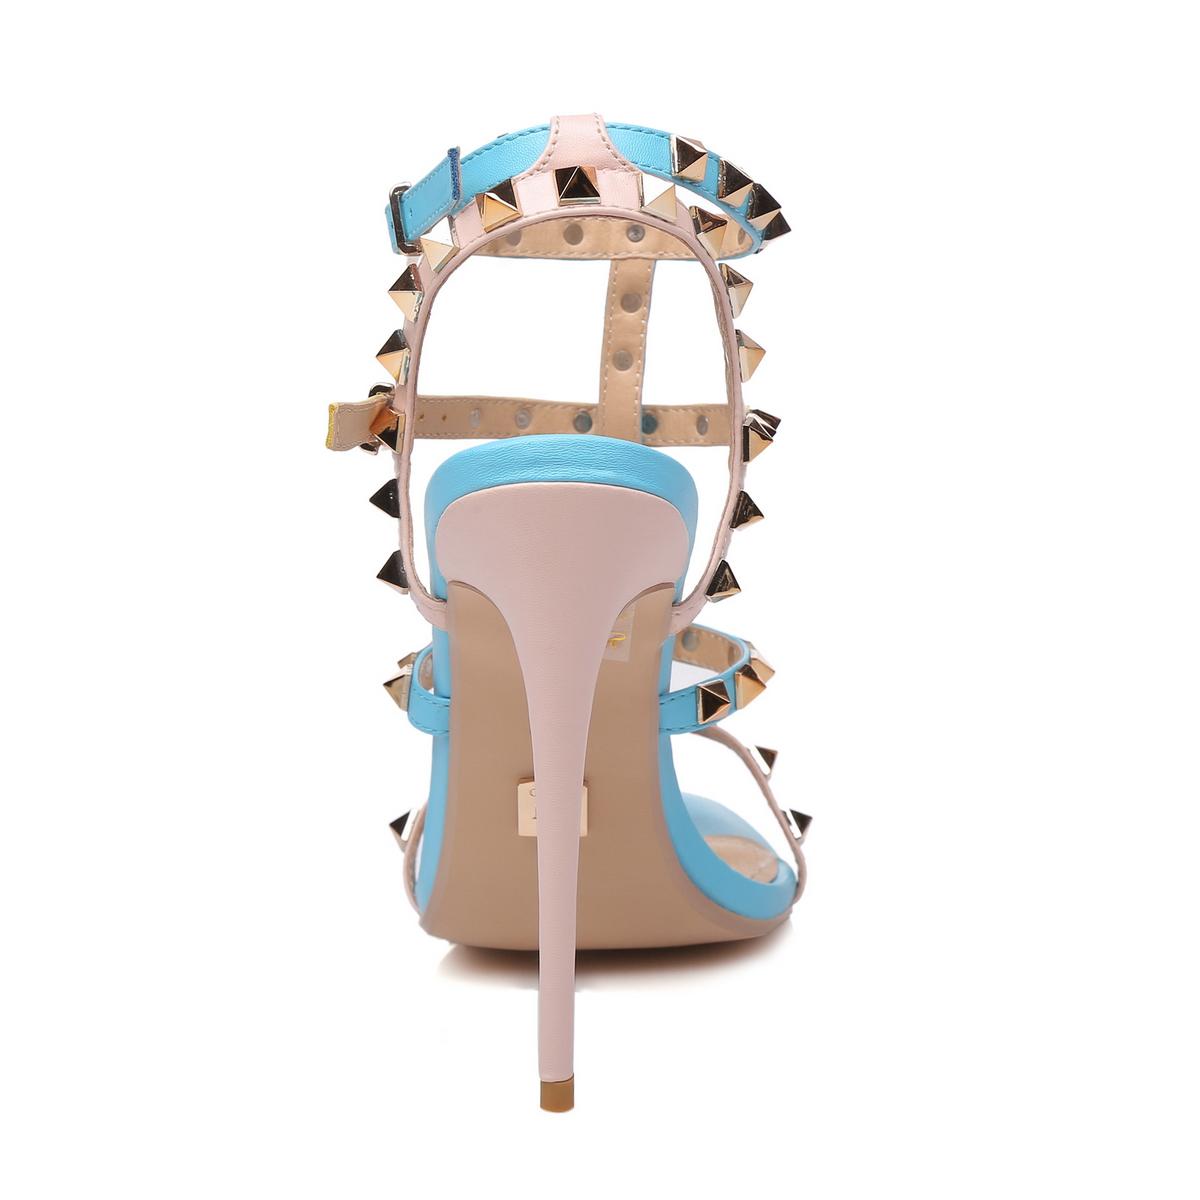 GIARO - Damen High Heel Sandalatten - Blau Schuhe in Übergrößen – Bild 3